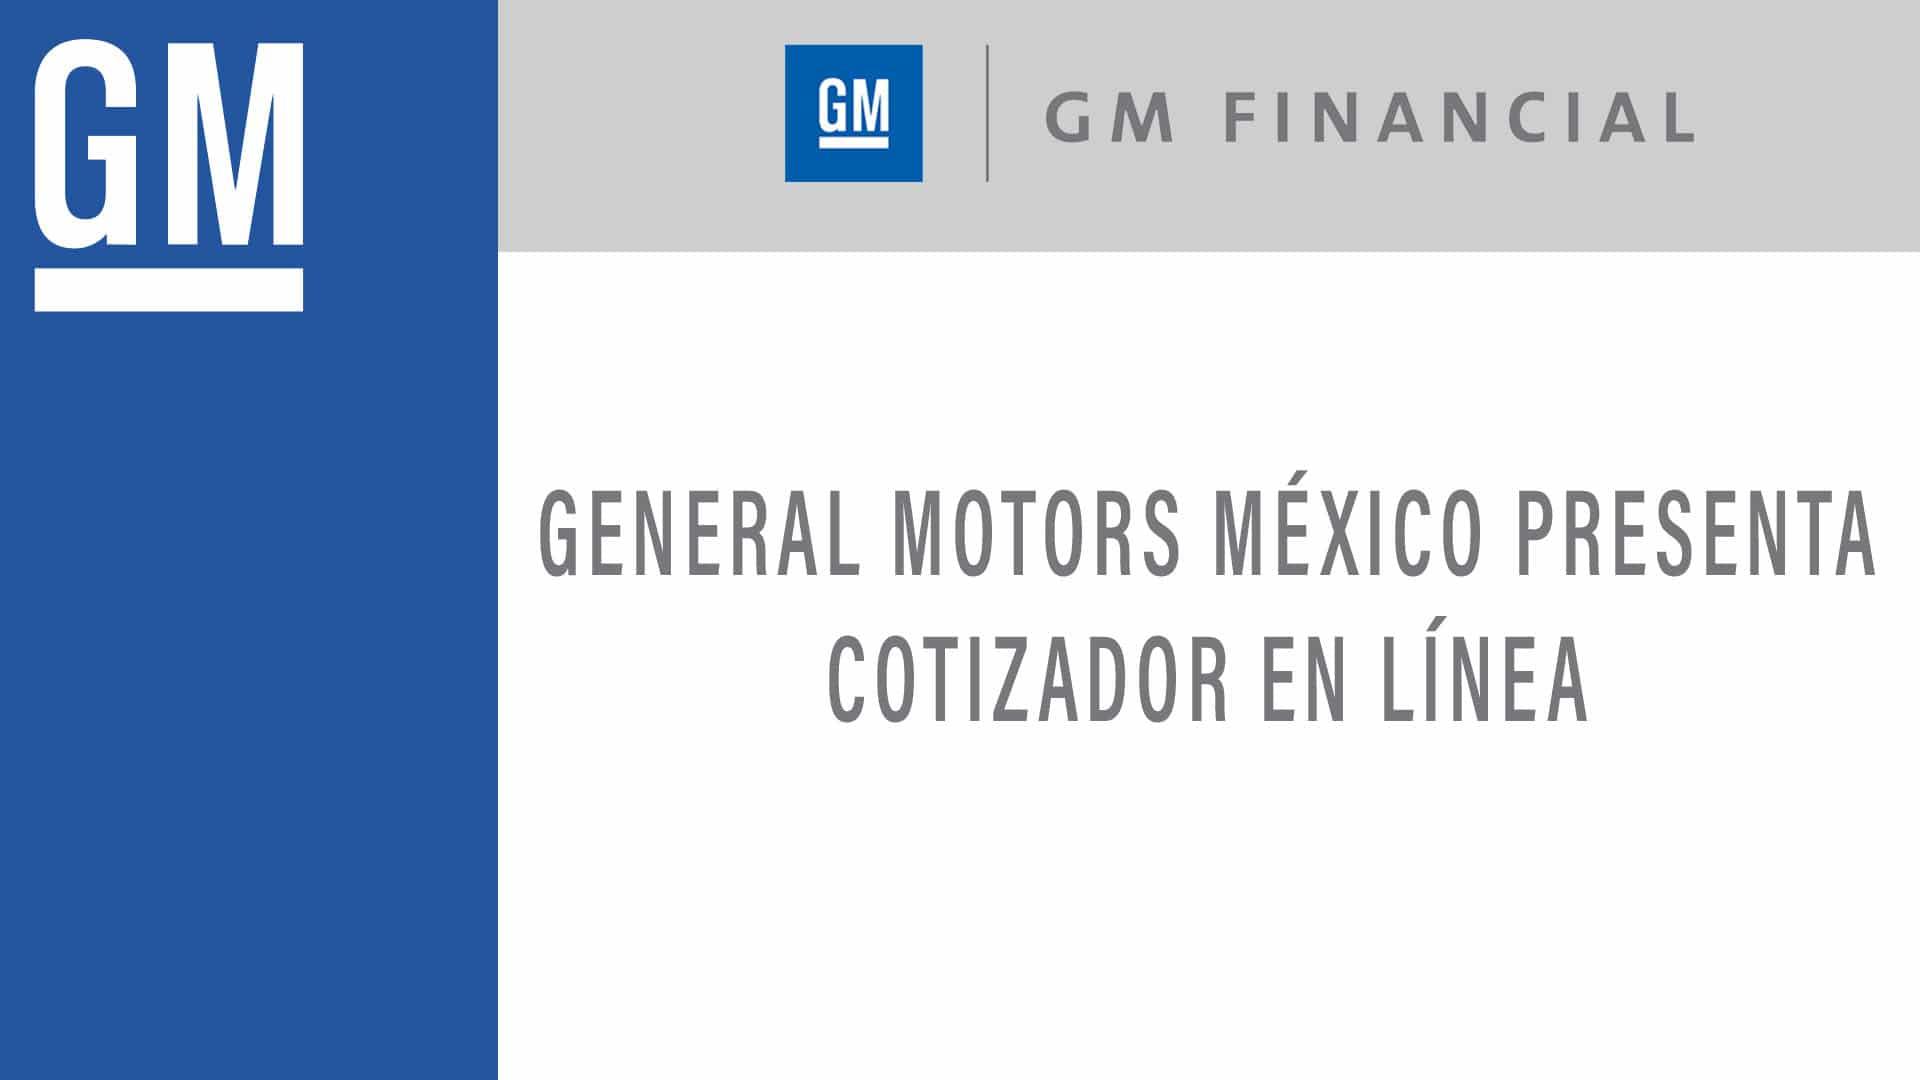 GM fianancial México